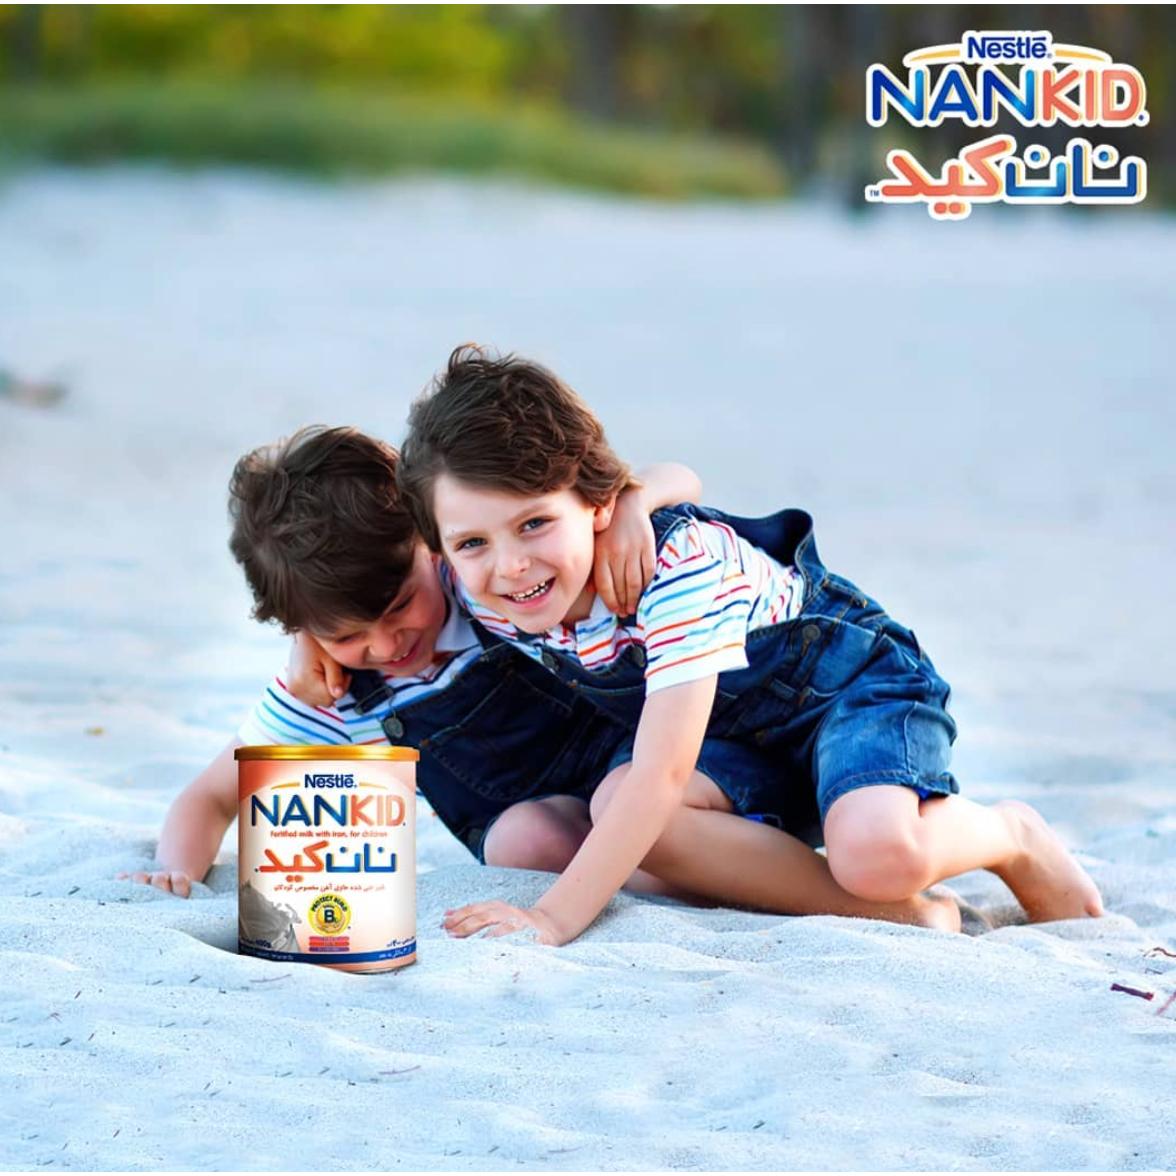 شیر غنی شده نستله سری نان کید - 400 گرم main 1 12